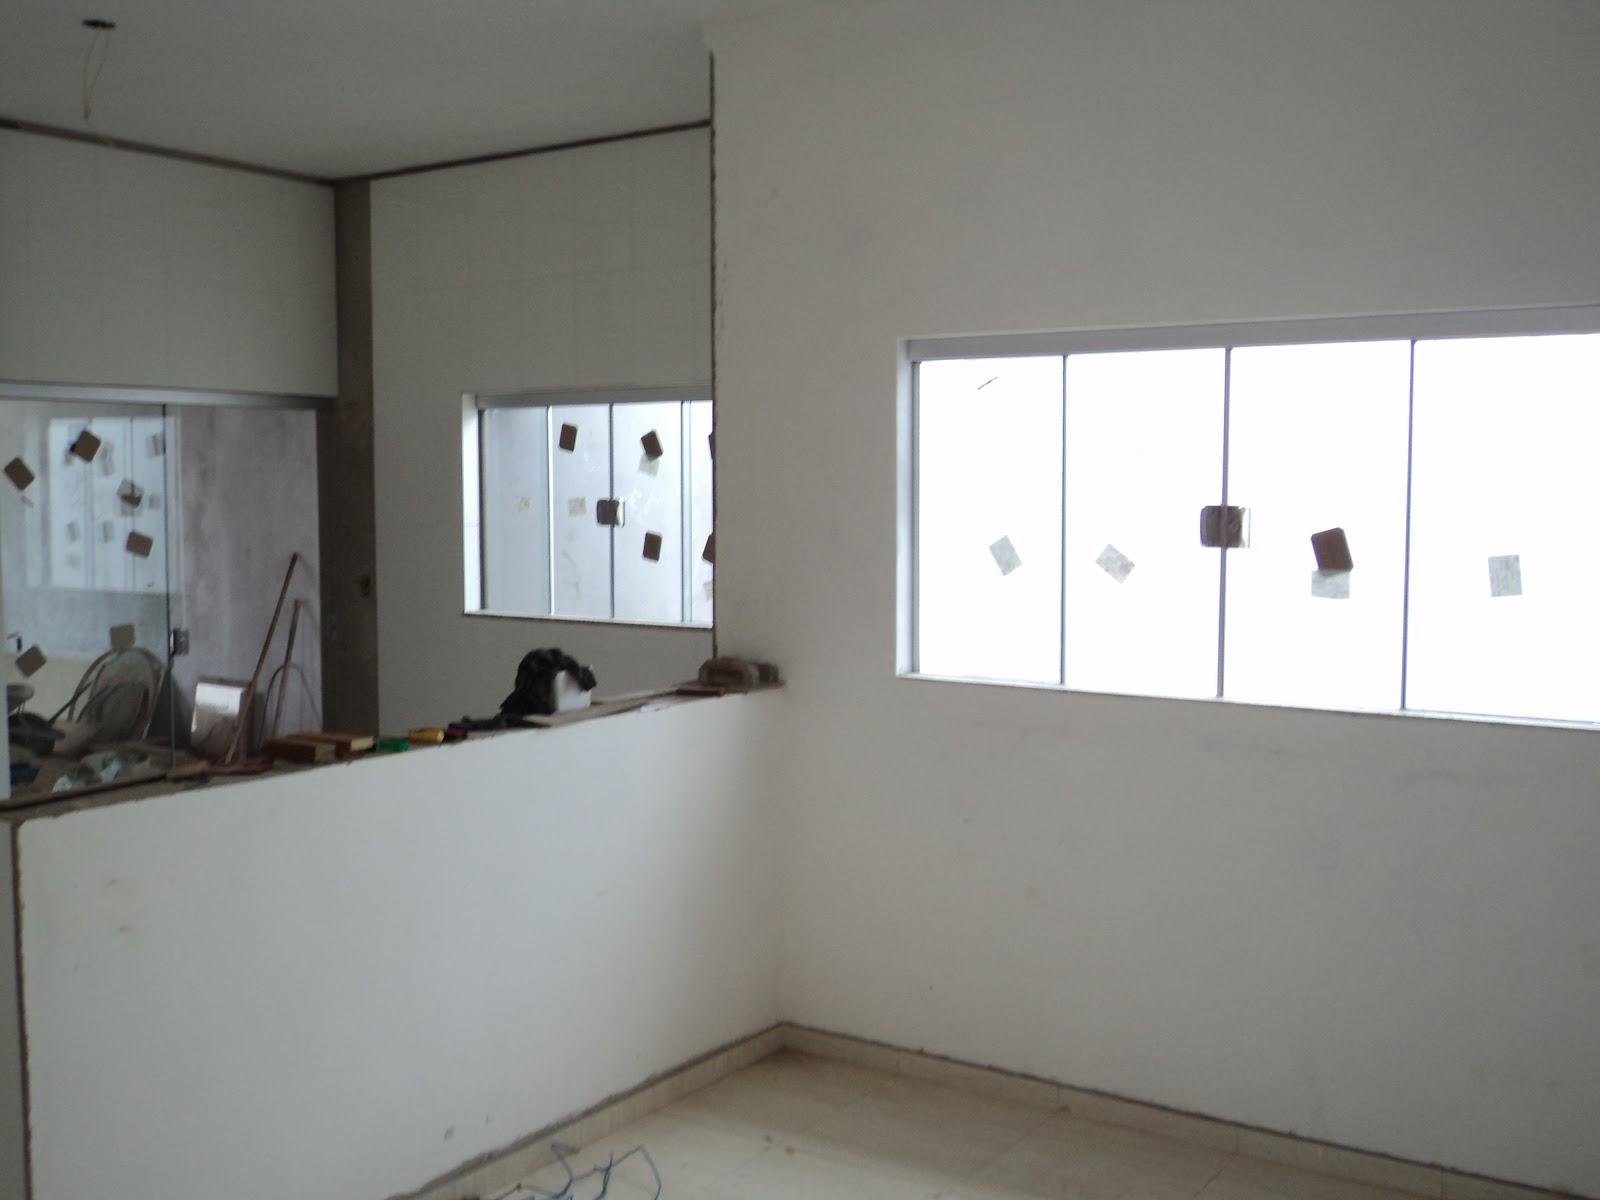 #565C75 FRANCO VIDROS TEMPERADOS: Obra em Campos Novos Paulista 38 Janelas De Vidro Cor Bronze